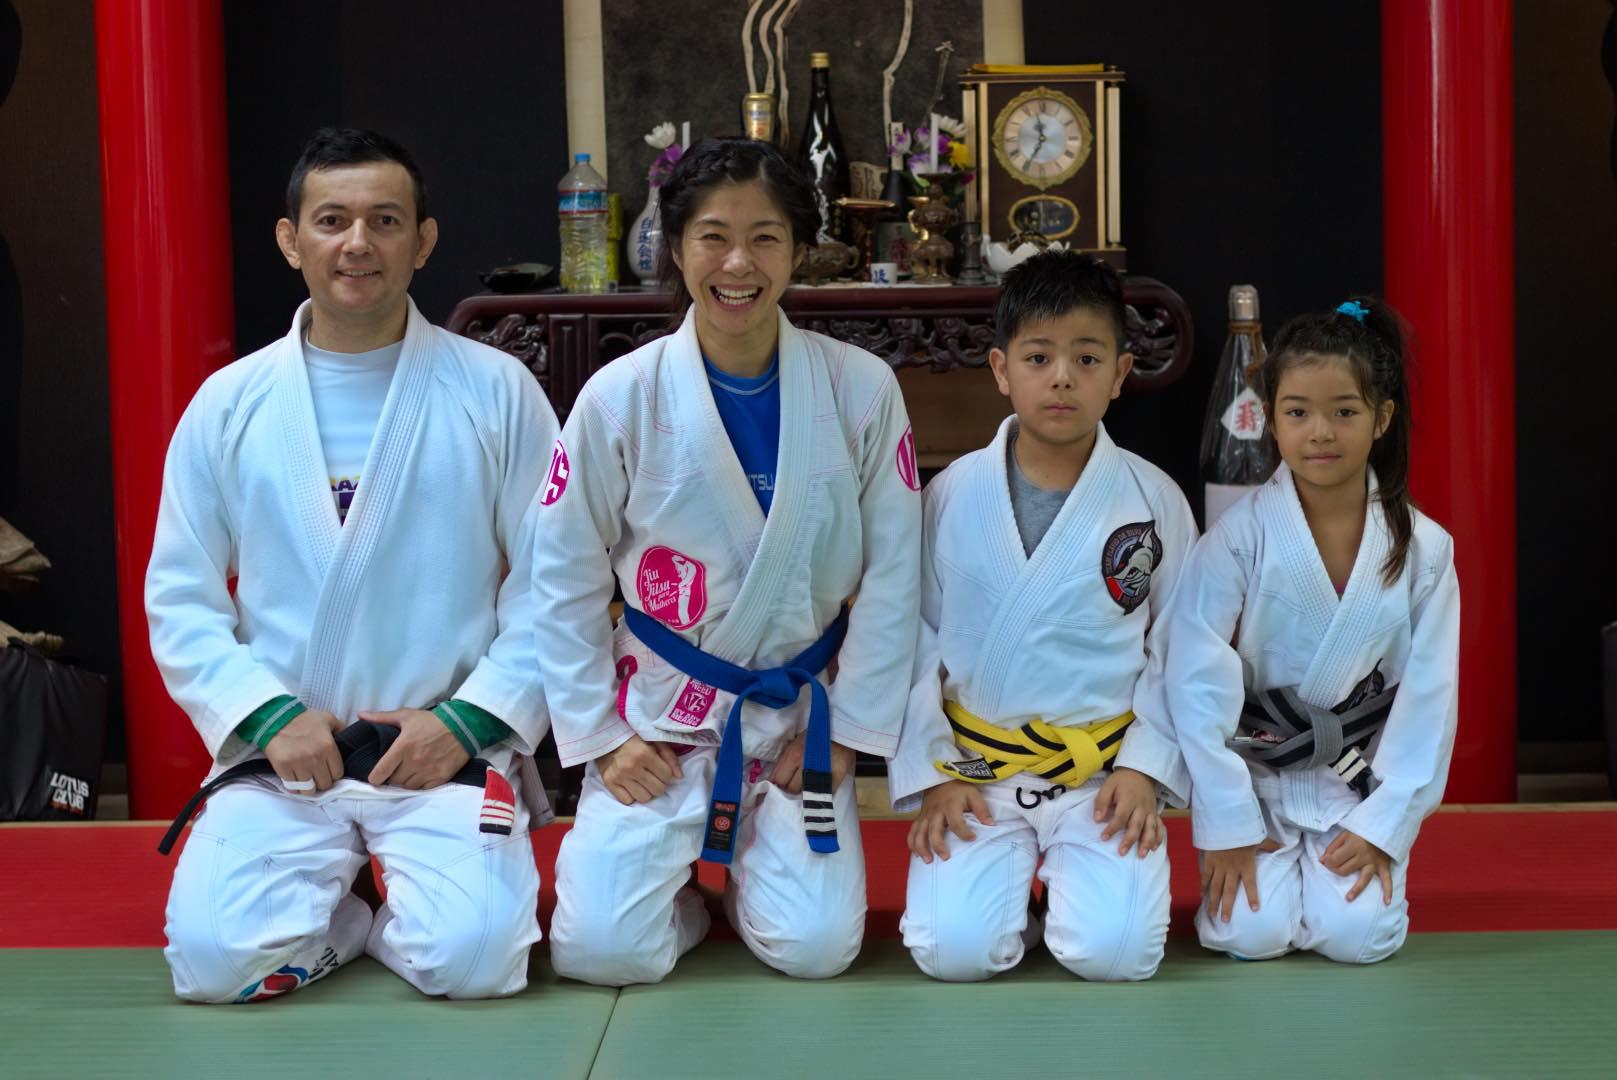 Professor Flavio Da Silva and his family.